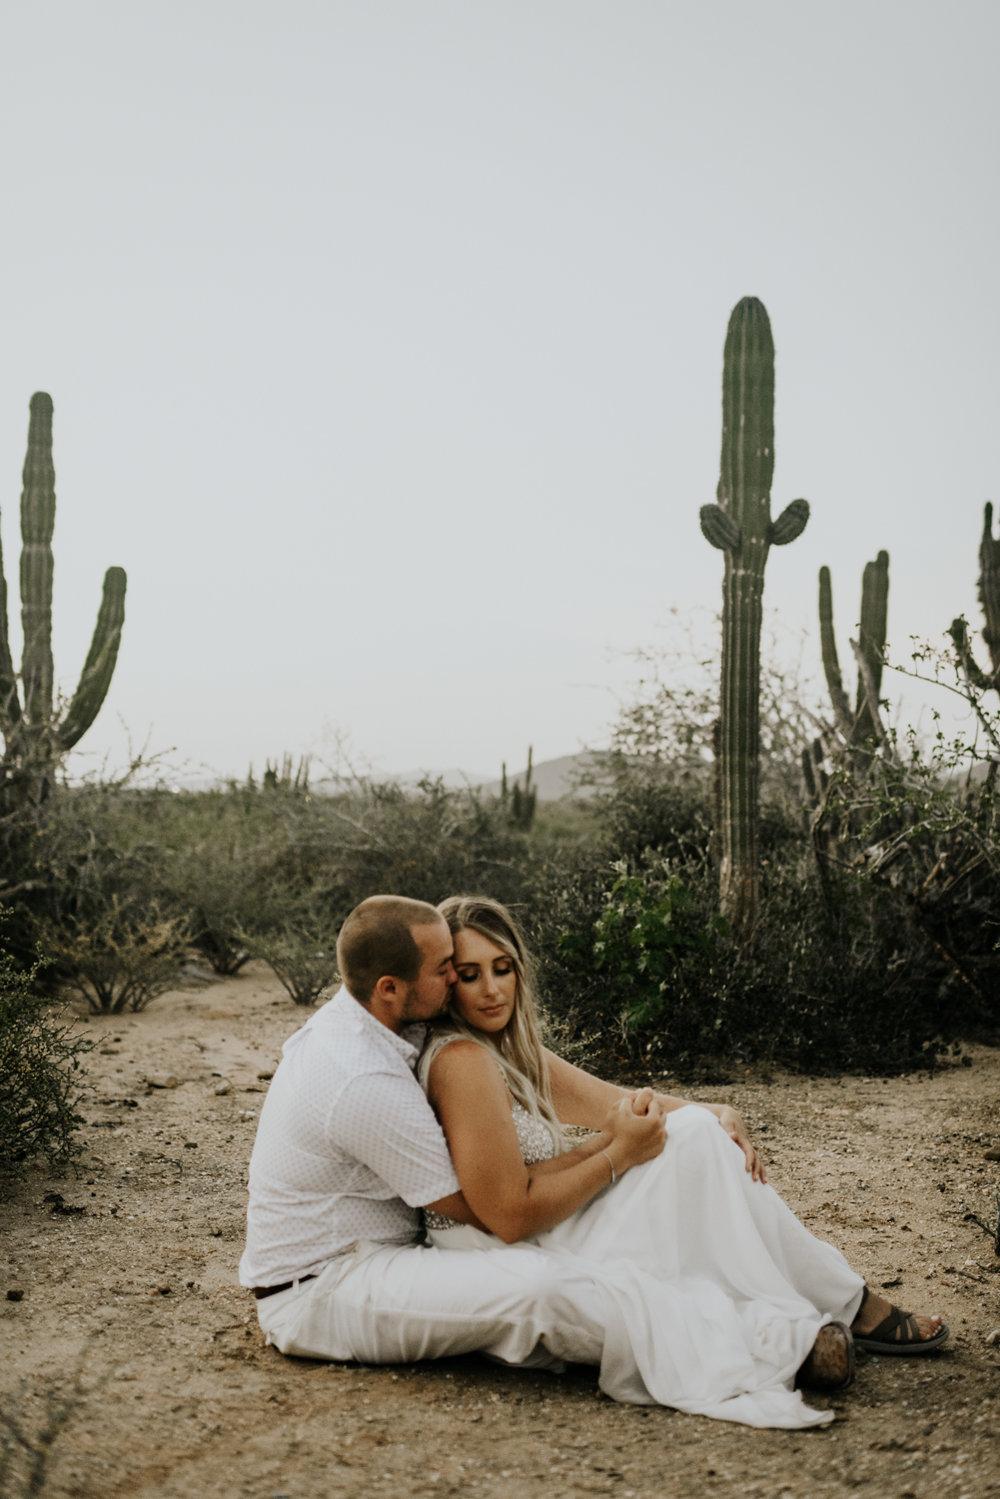 Intimate Destination Wedding Photos in Todos Santos, Baja California Sur, Mexico